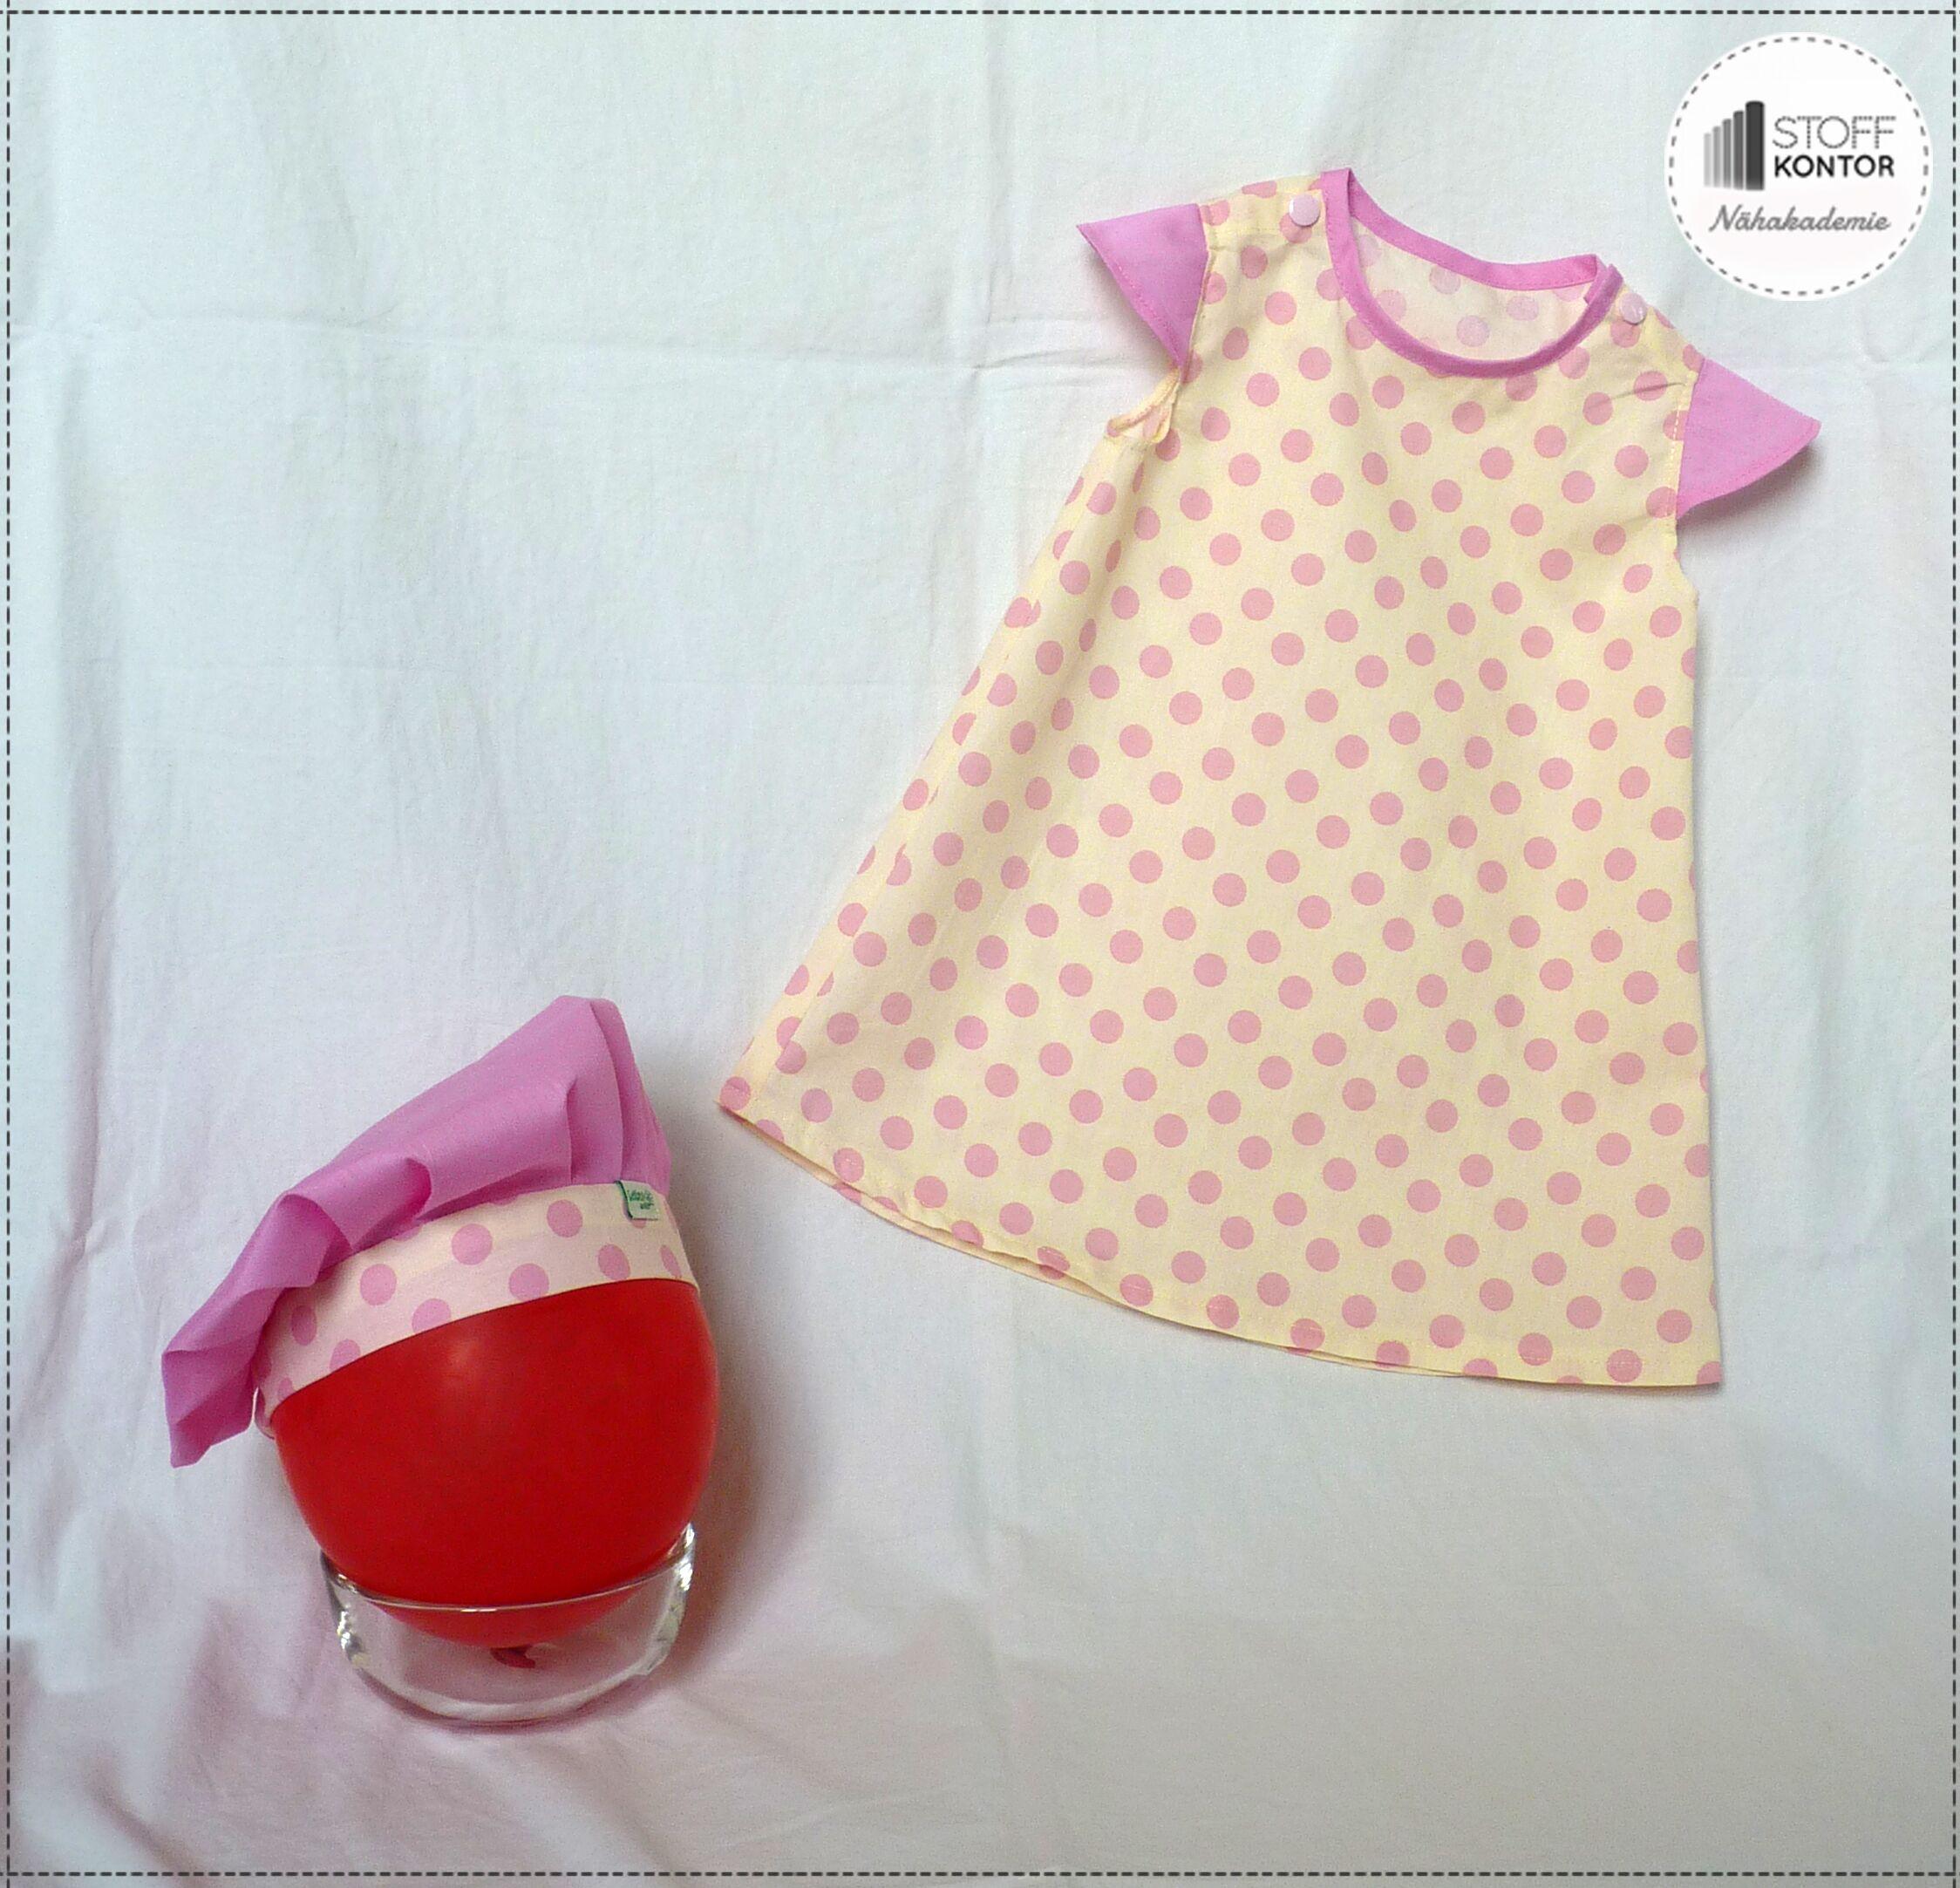 Kostenlose Nähanleitung - Kleidchen & Baskenmütze für Kinder